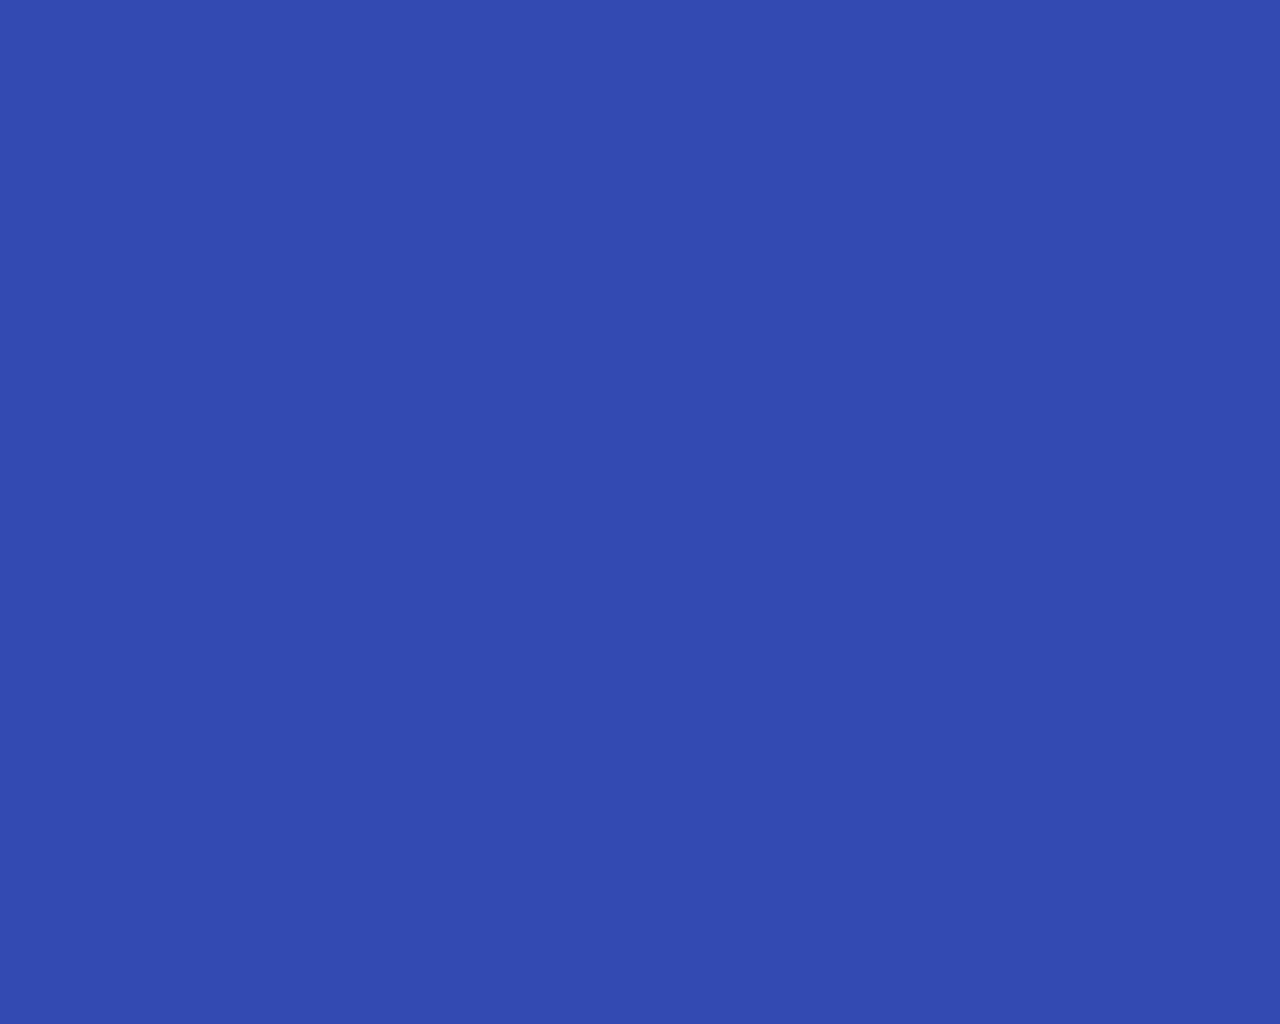 1280x1024 Violet-blue Solid Color Background